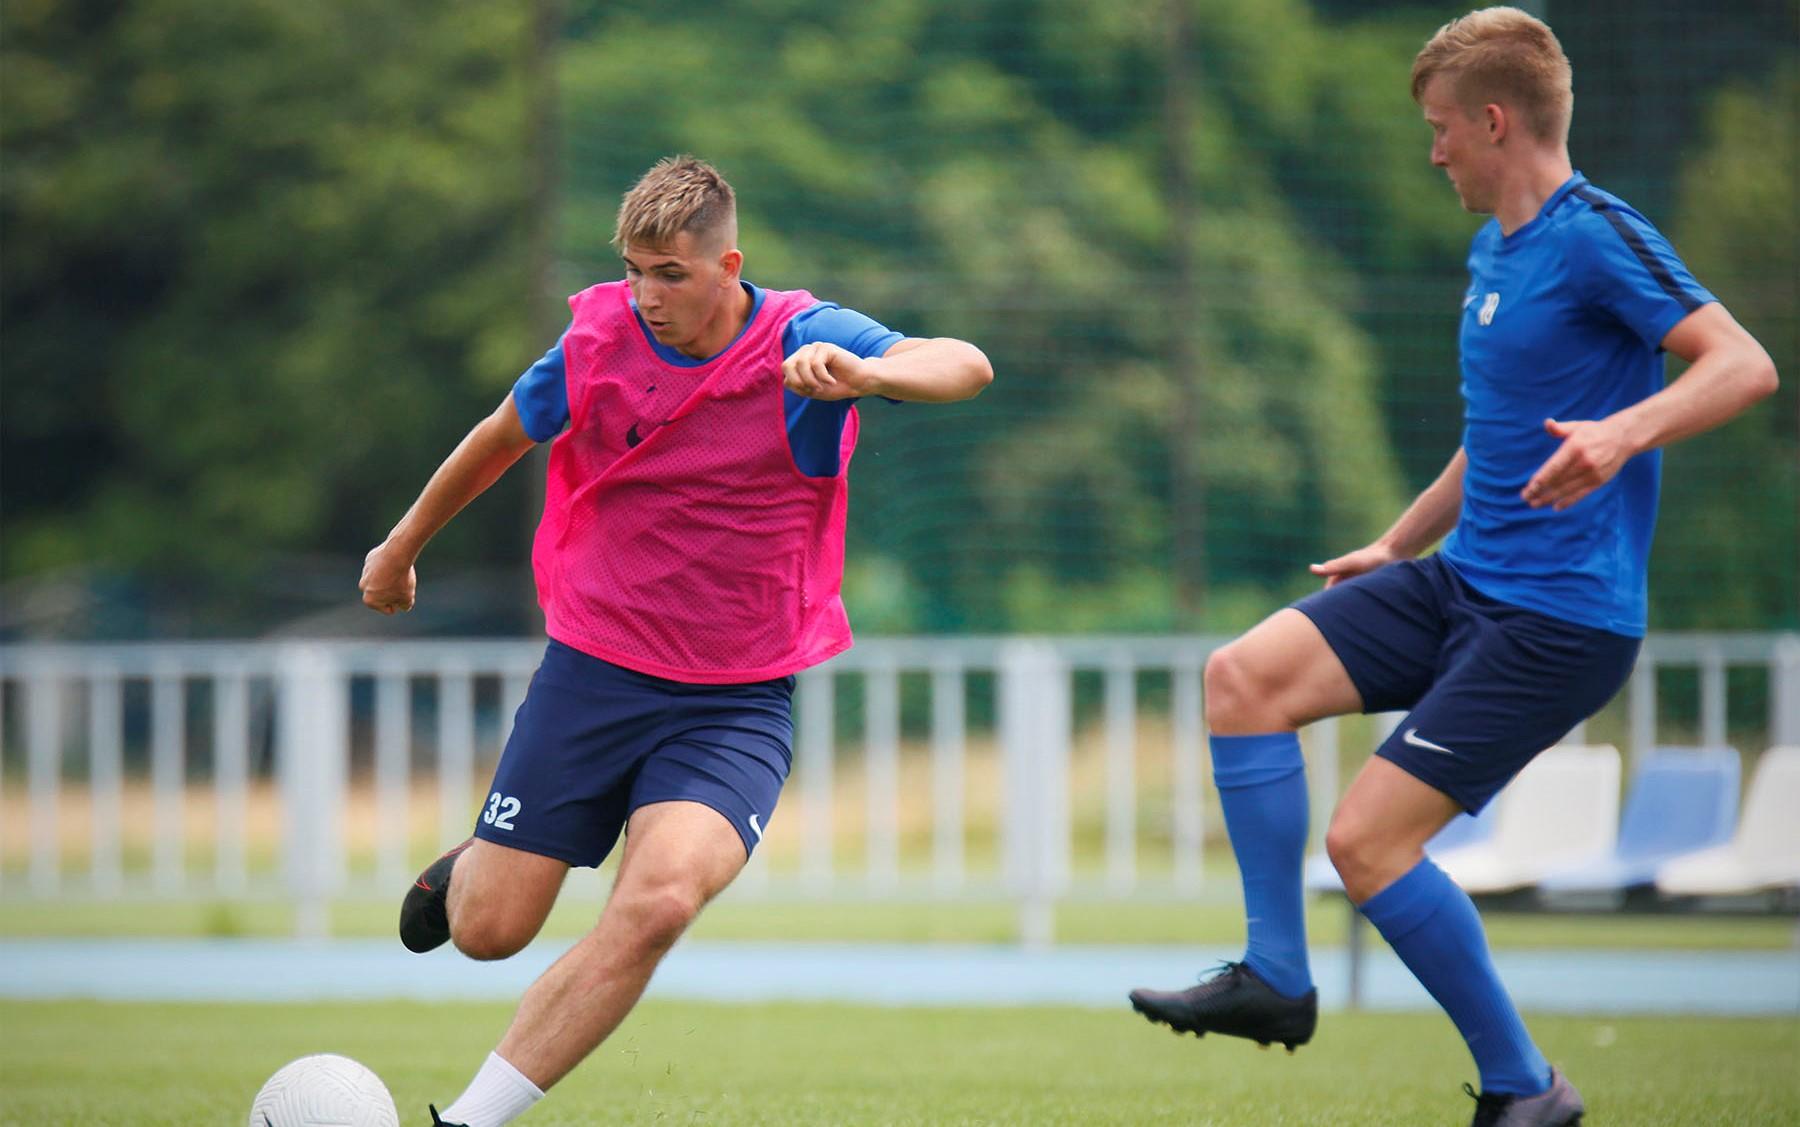 U19-es csapatunk Lipóton edzőtáborozik (videó)